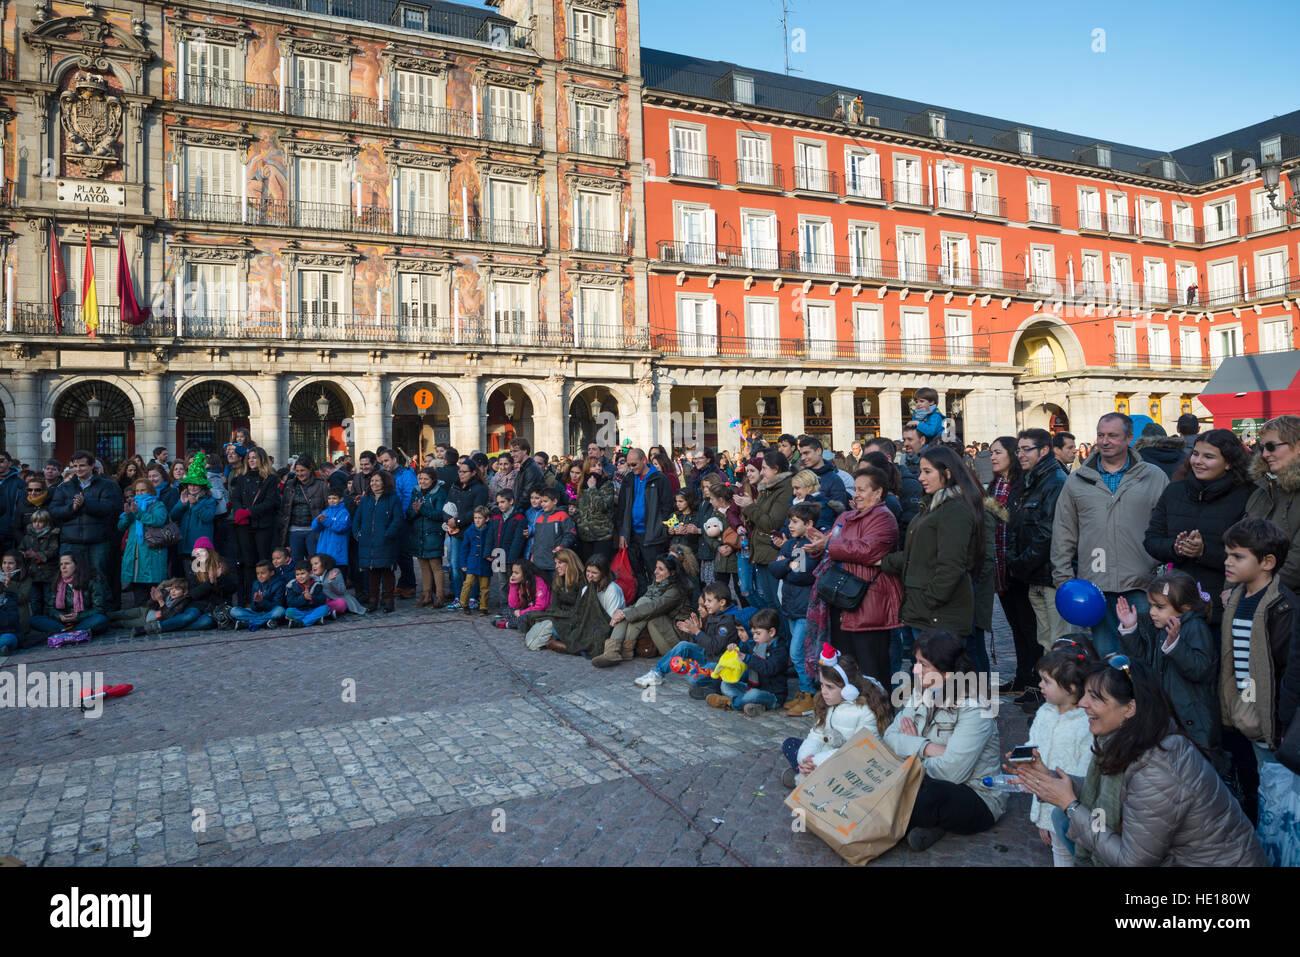 La folla si riuniscono per vedere un animatore di strada a Plaza Mayor, Madrid, Spagna. Immagini Stock